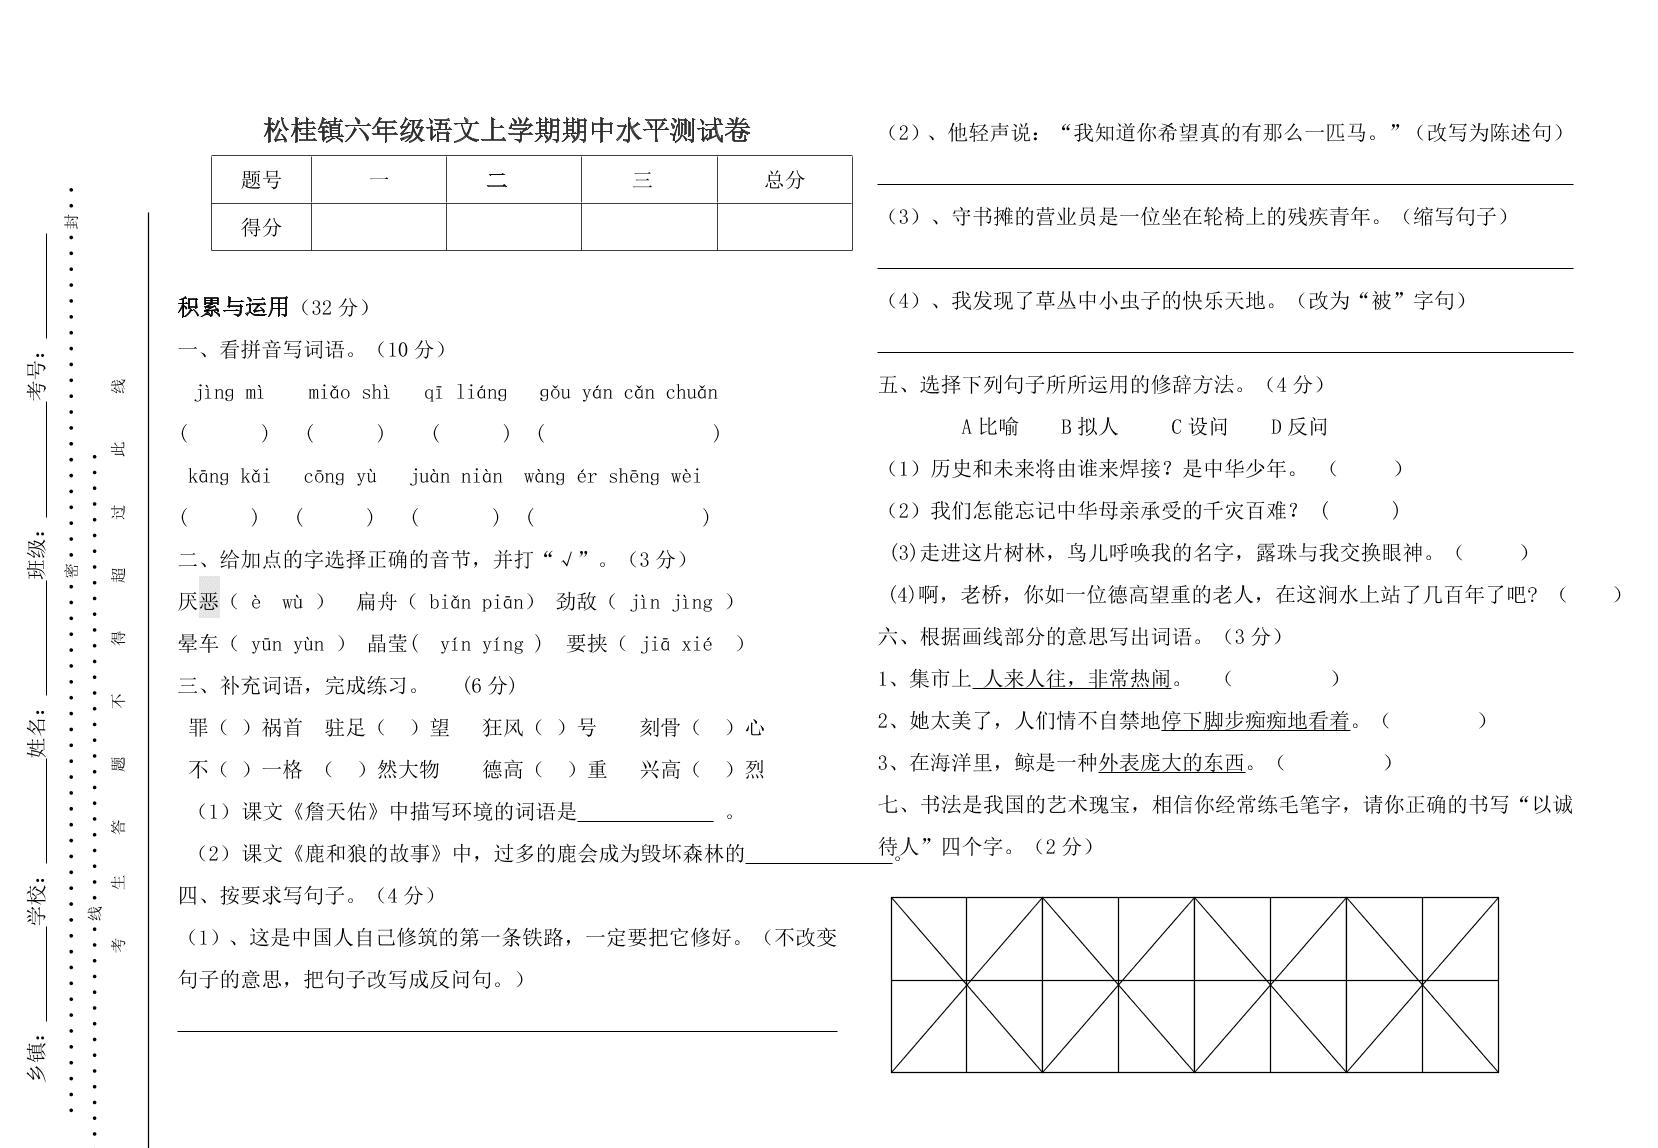 松桂镇六年级语文上学期期中水平测试卷